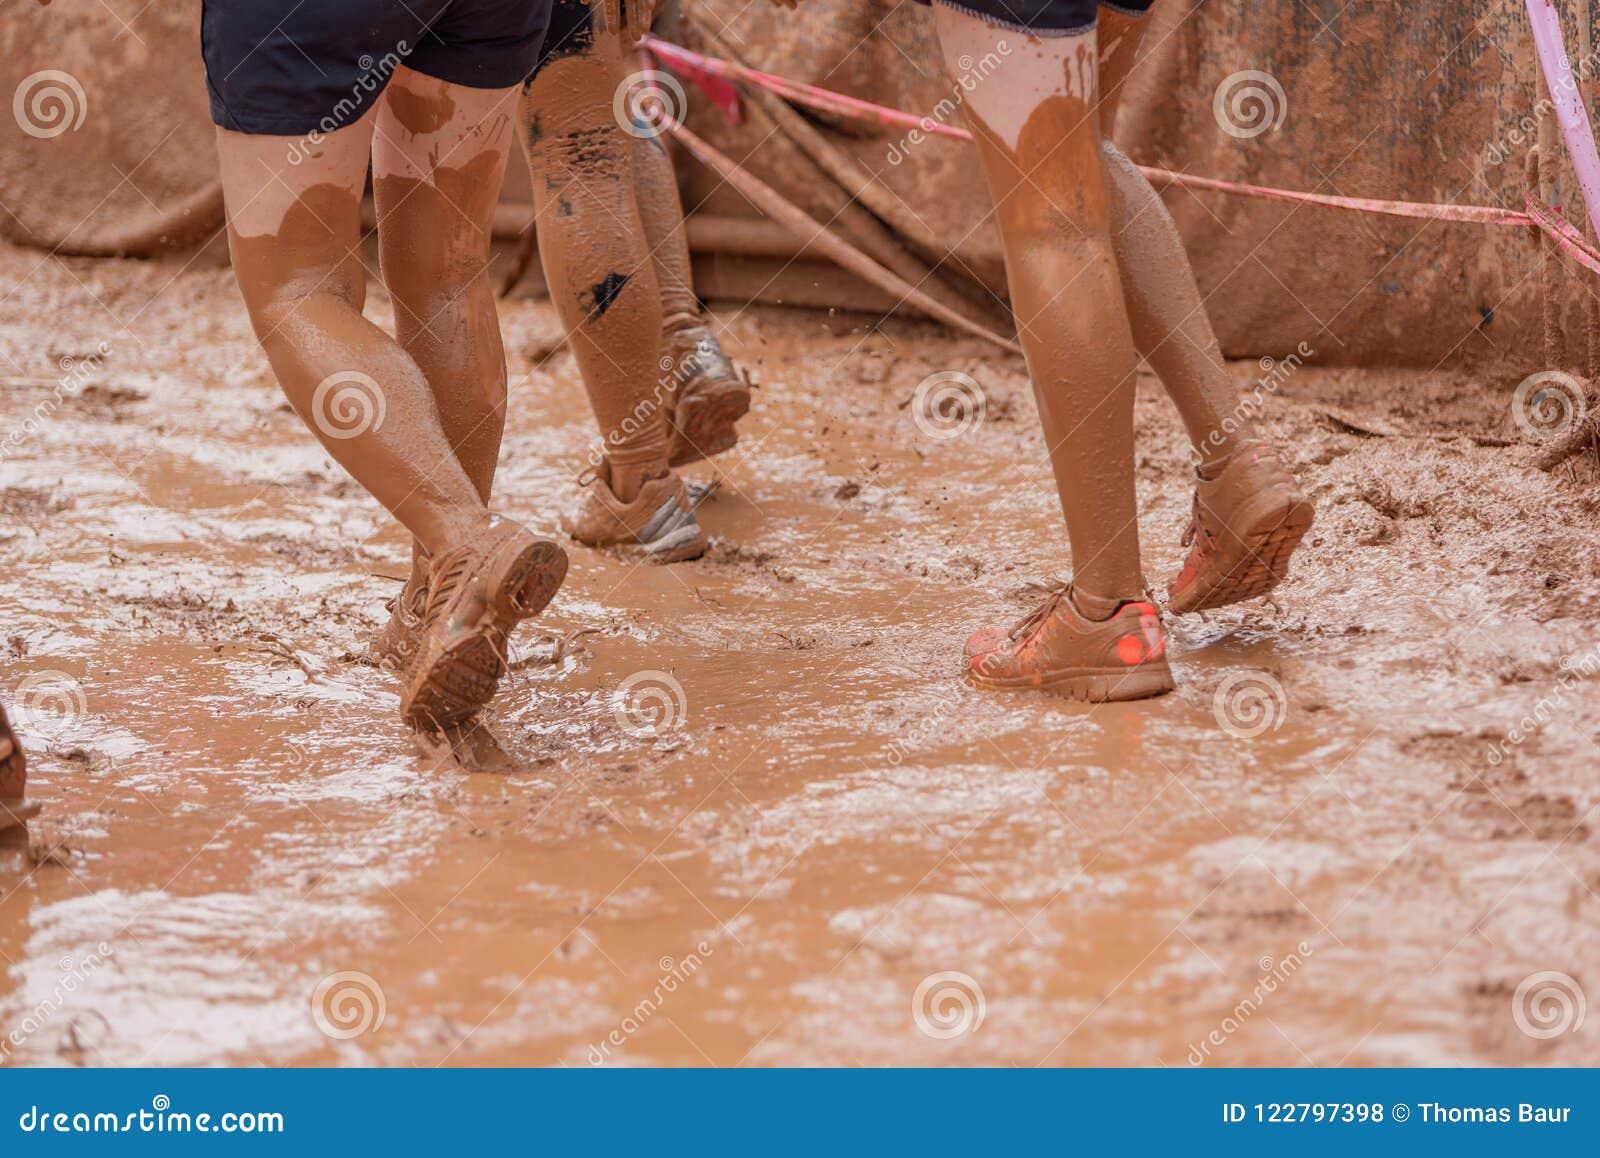 Donne del corridore di corsa del fango che strisciano nel fango nell ambito degli ostacoli